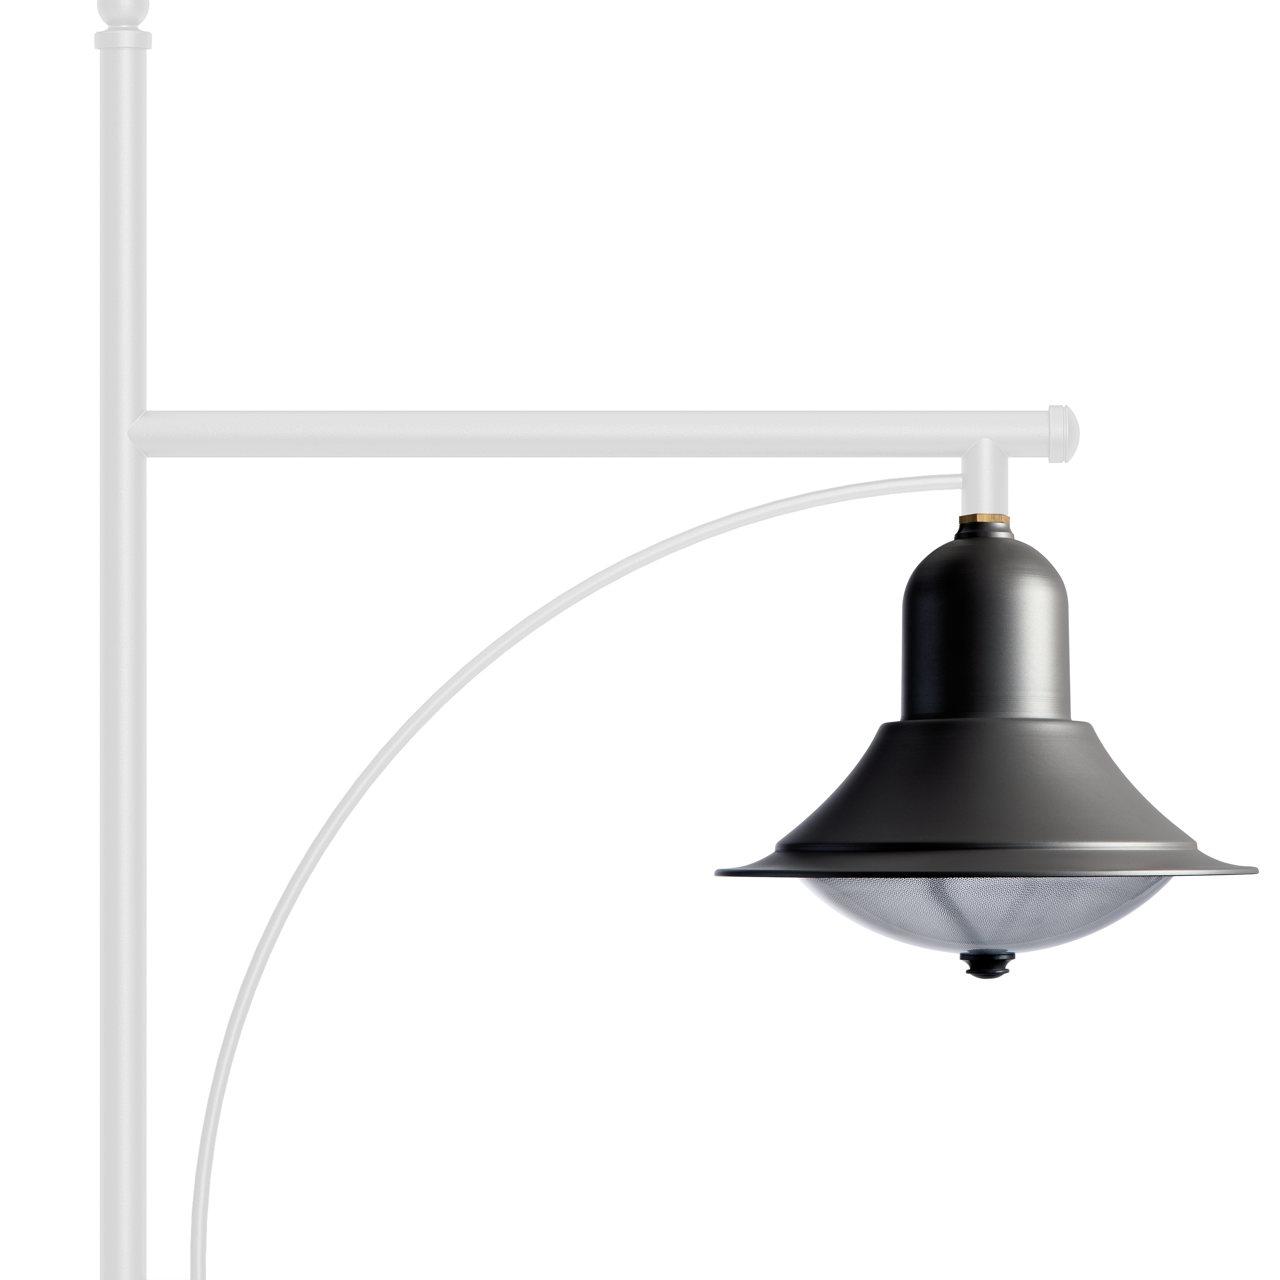 stadtlicht philips urban lighting mit licht die. Black Bedroom Furniture Sets. Home Design Ideas